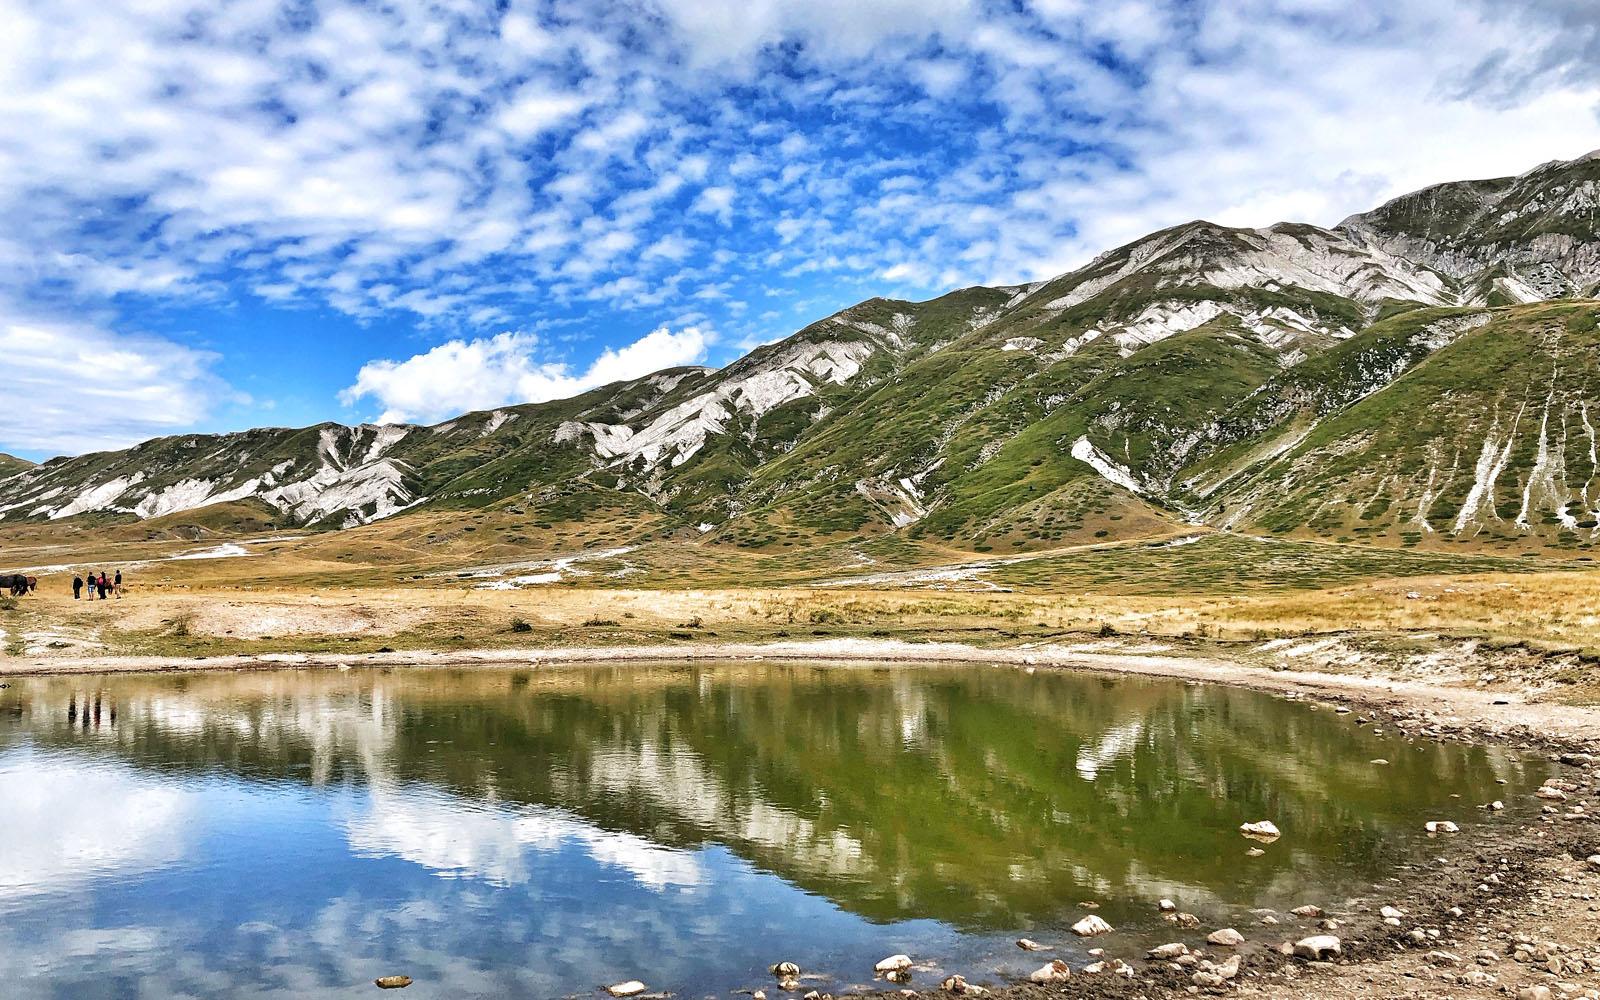 Un laghetto a Campo Imperatore, nel Parco del Gran Sasso in Abruzzo.